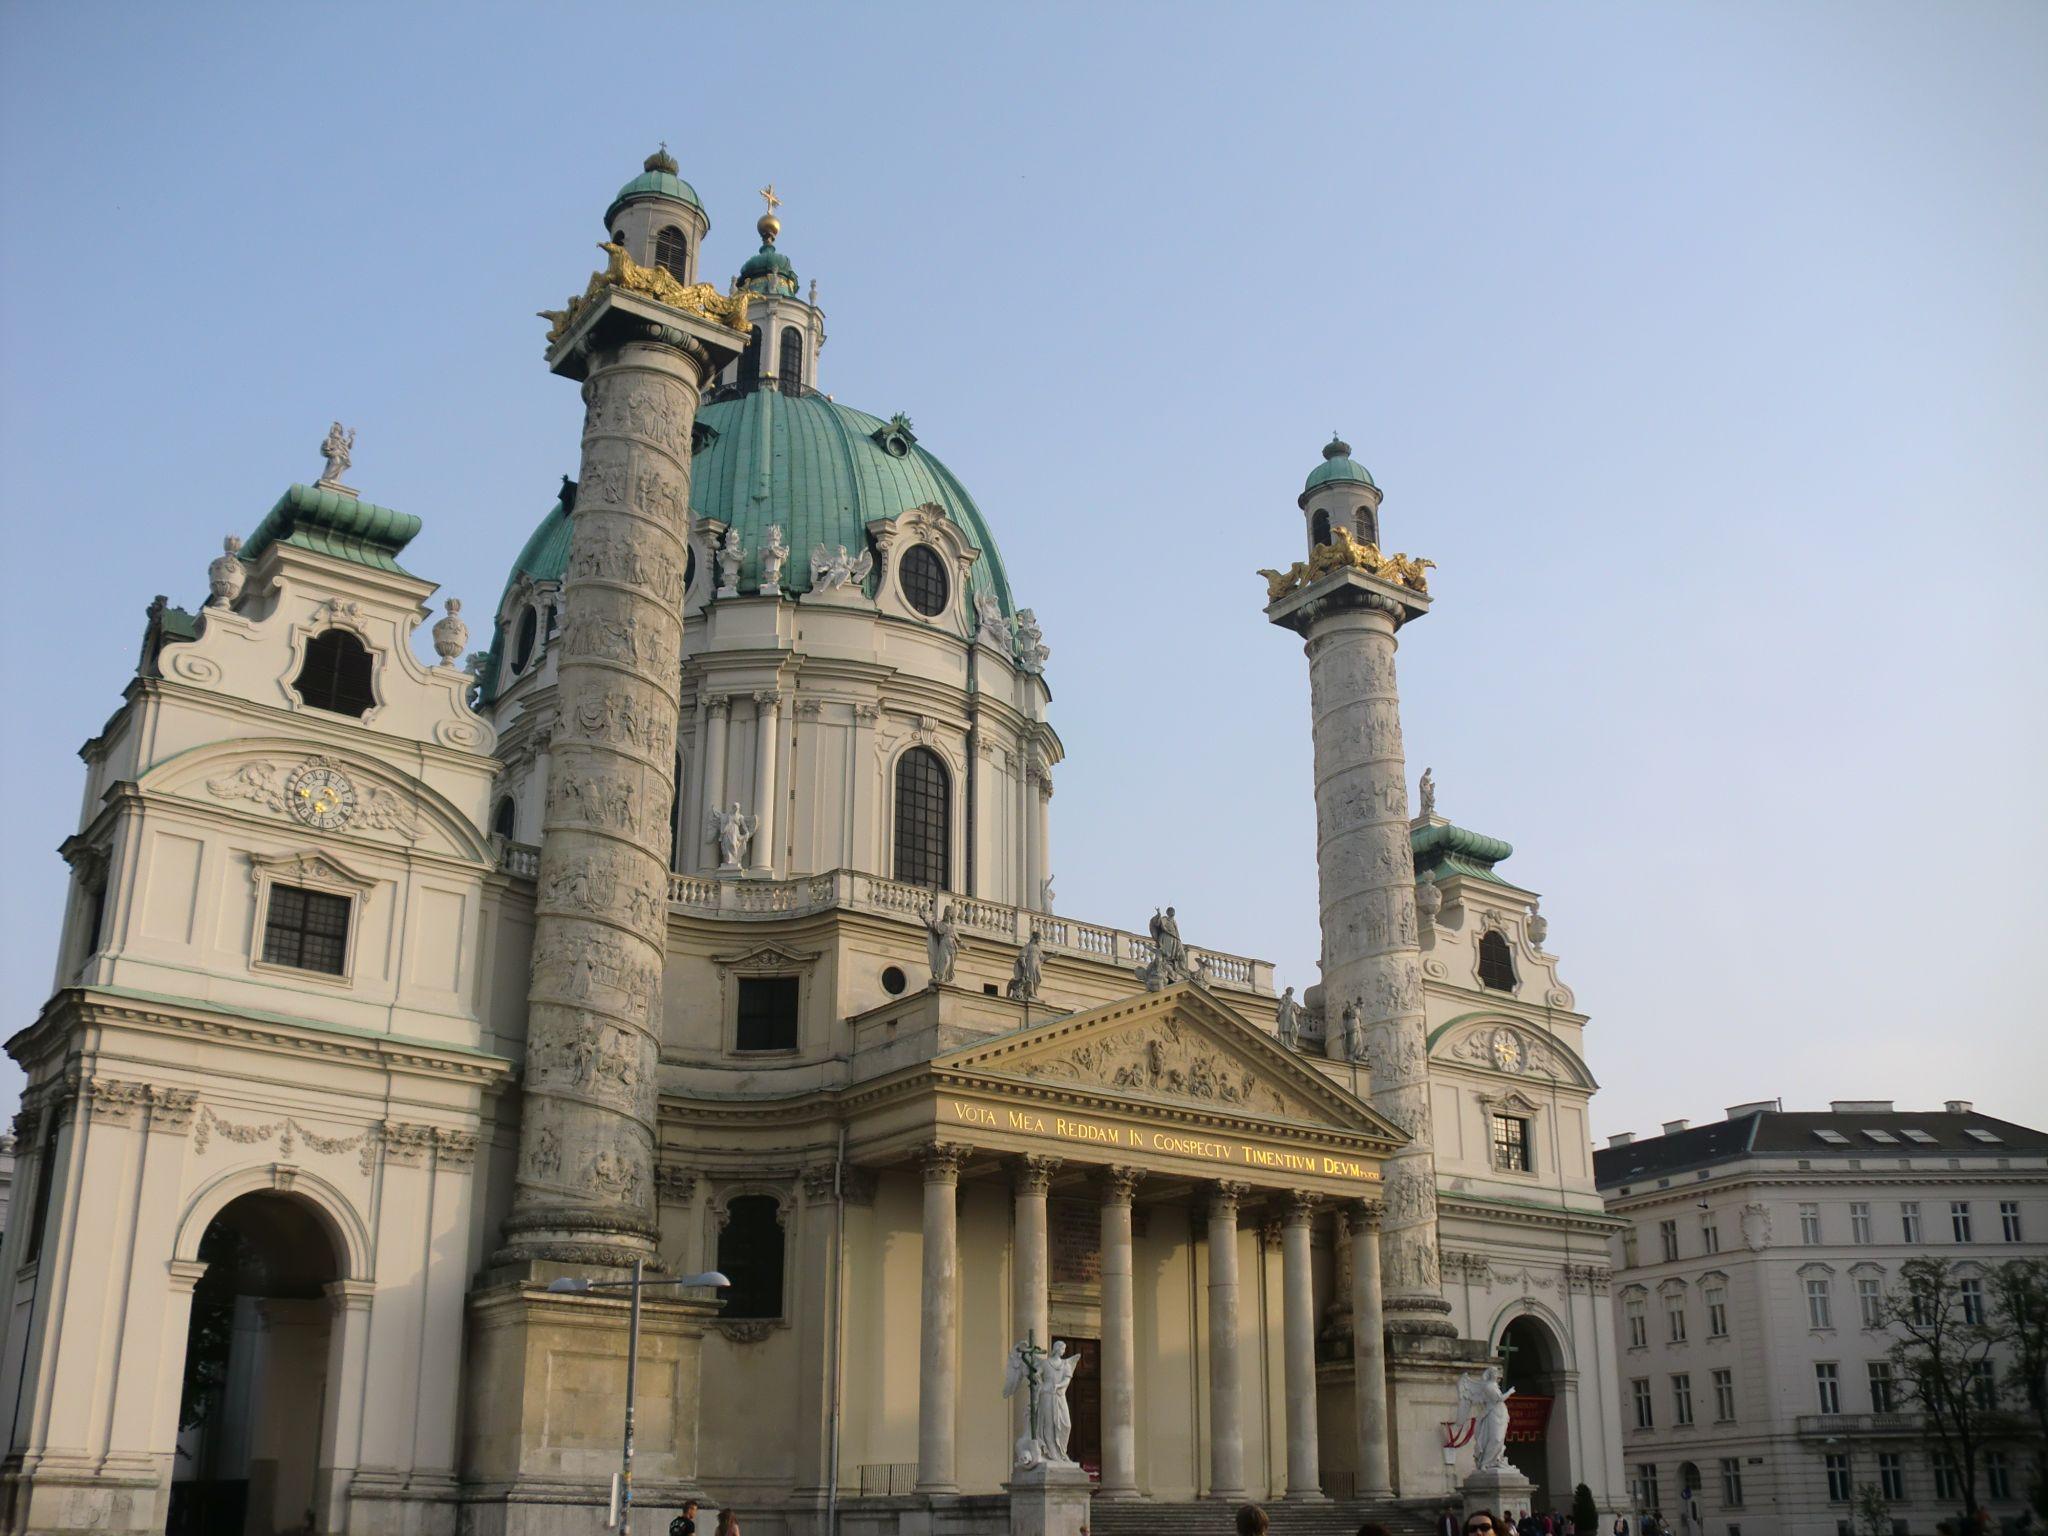 Vienna Opera 20 1440x1080 - Vienna: elegant beauty